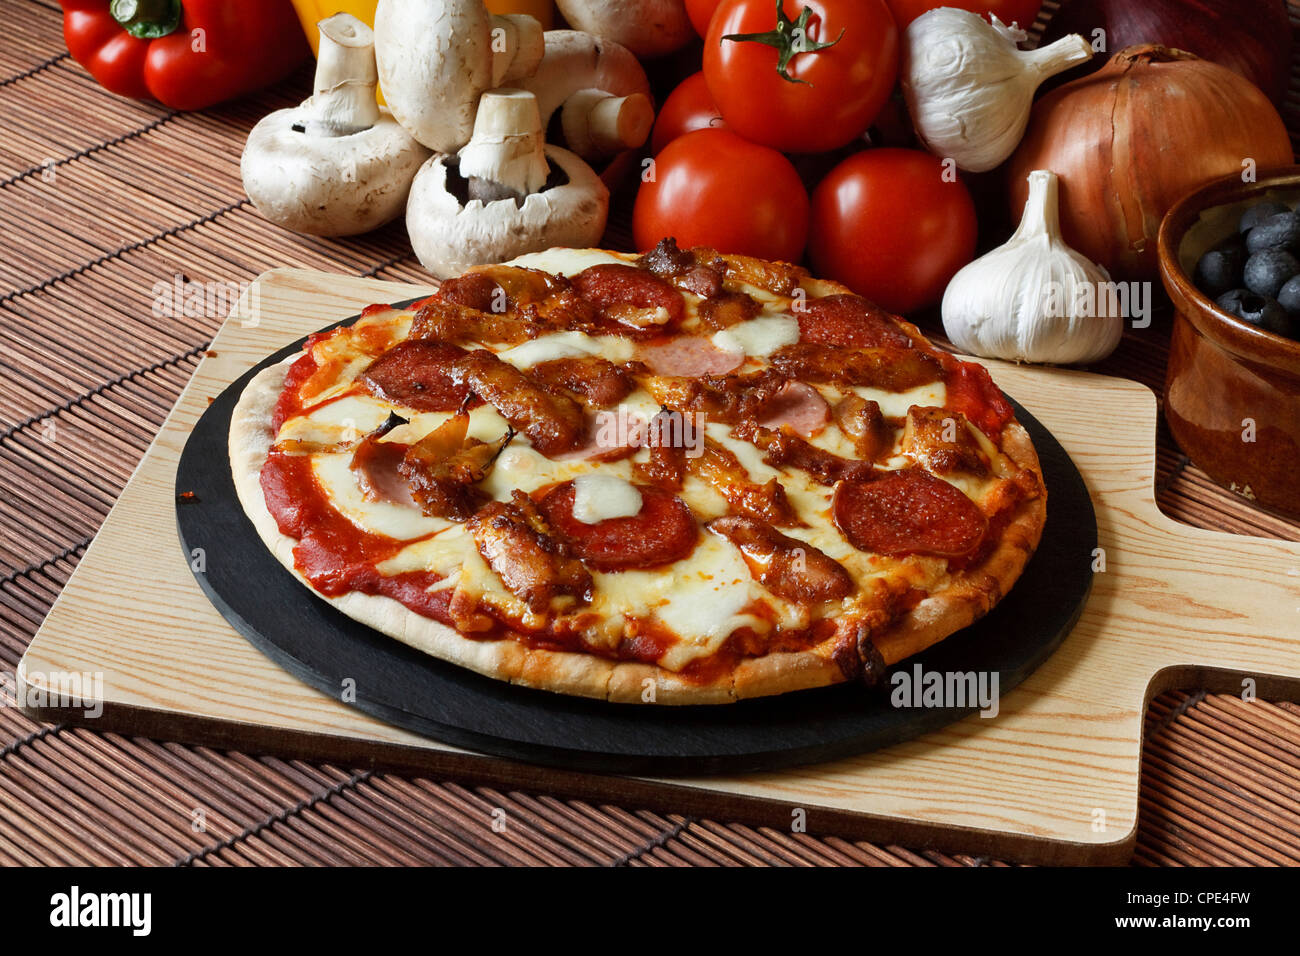 Barbecue barbecue o festa di carne pizza con un condimento di salsiccia per pizza, salsicce, salami e ali di pollo Immagini Stock